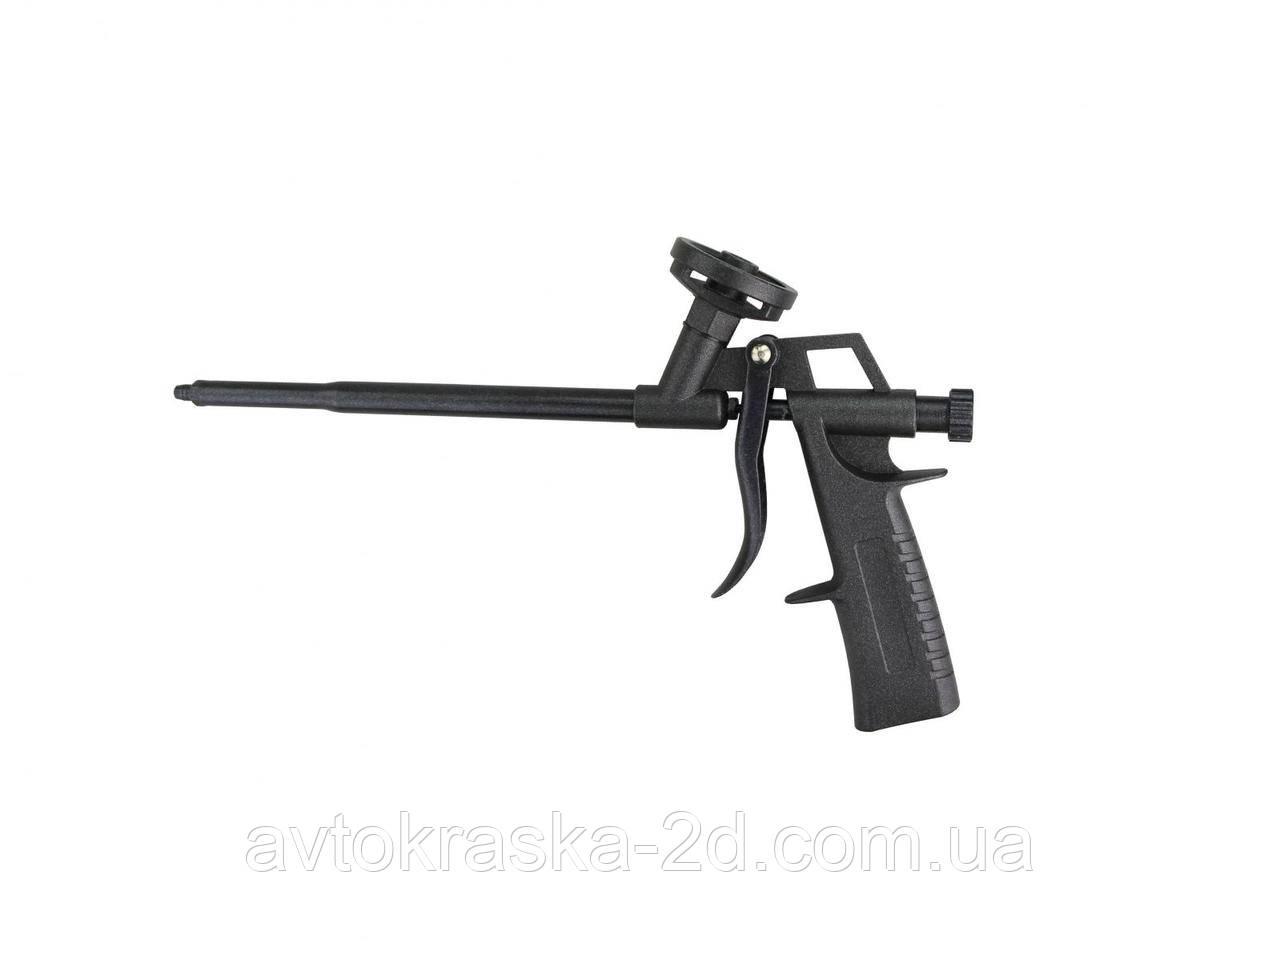 Пистолет для профессиональной монтажной пены G-27 полностью тефлоновый.